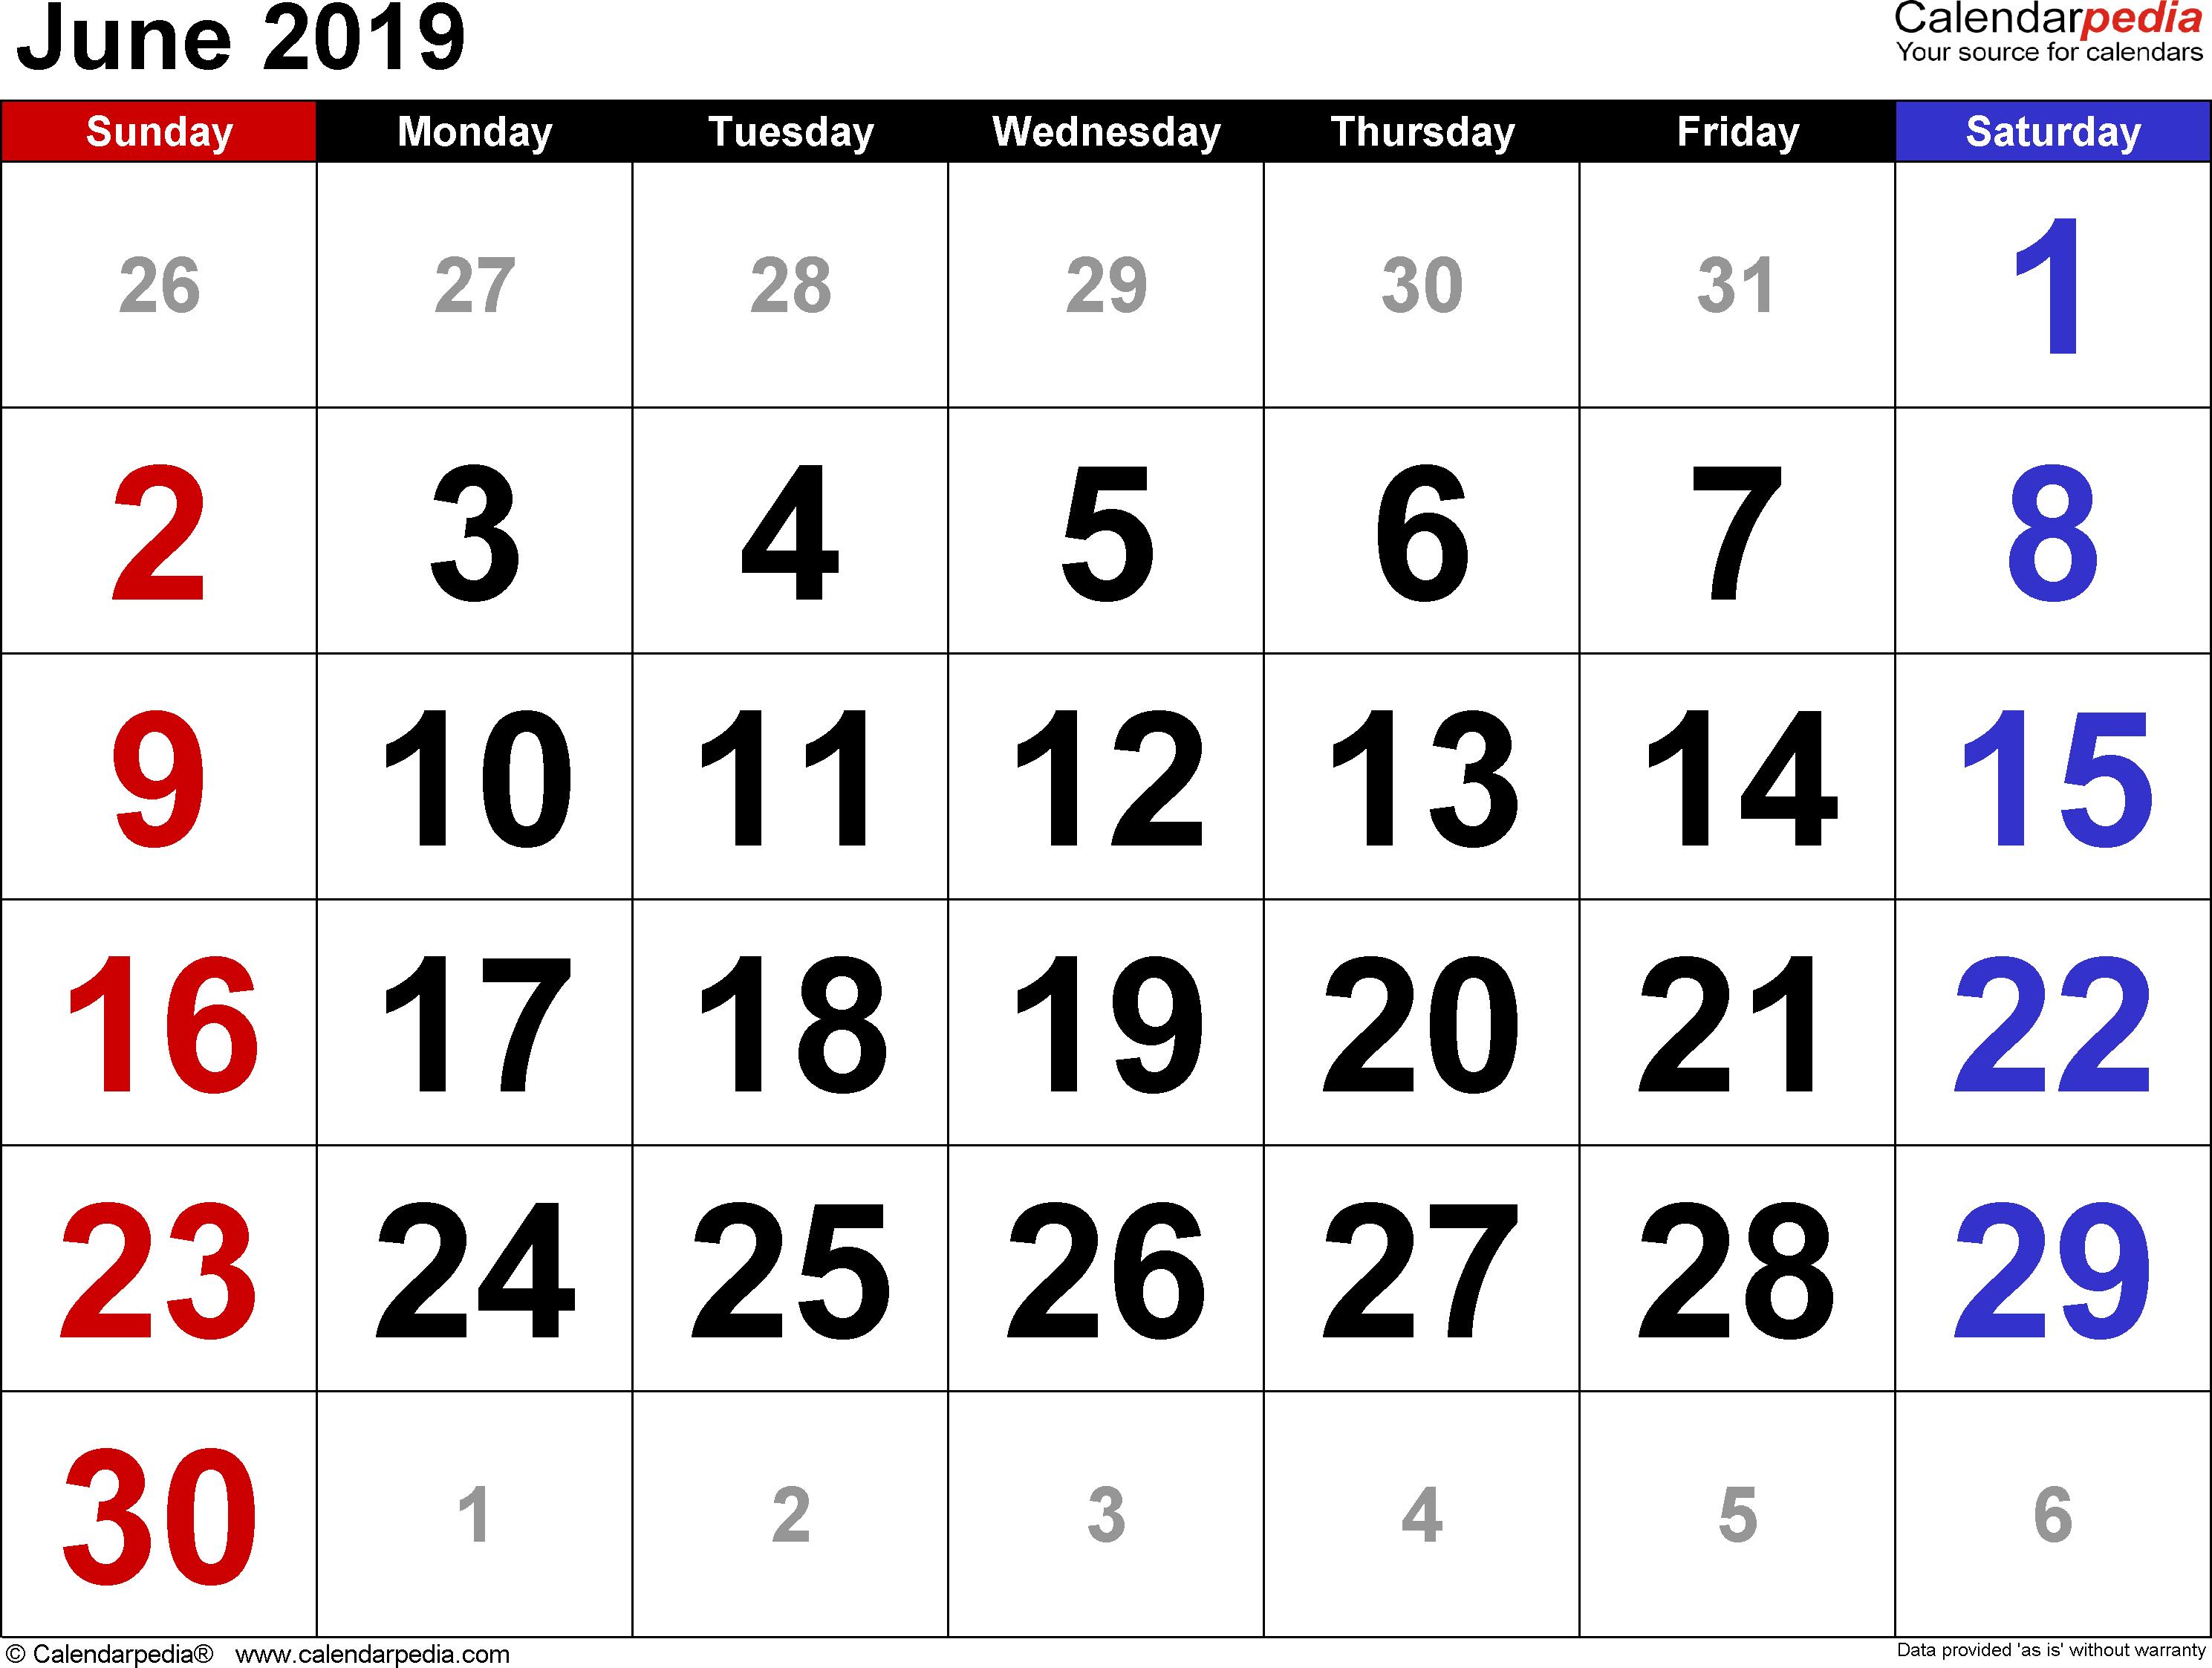 June 2019 Calendar for Word